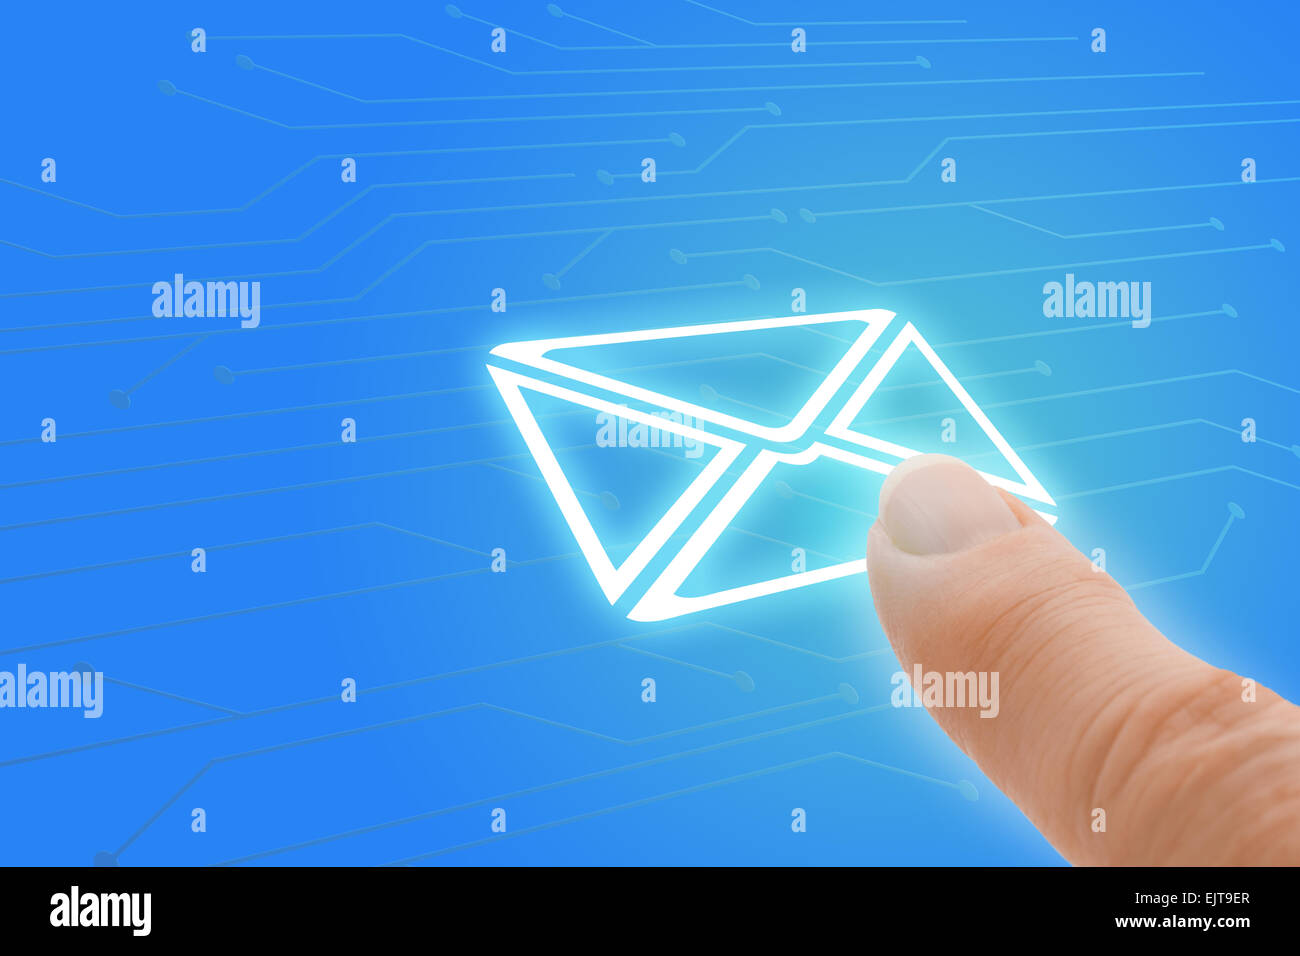 La posta elettronica Touch Screen il dito puntato a icona a forma di busta Immagini Stock